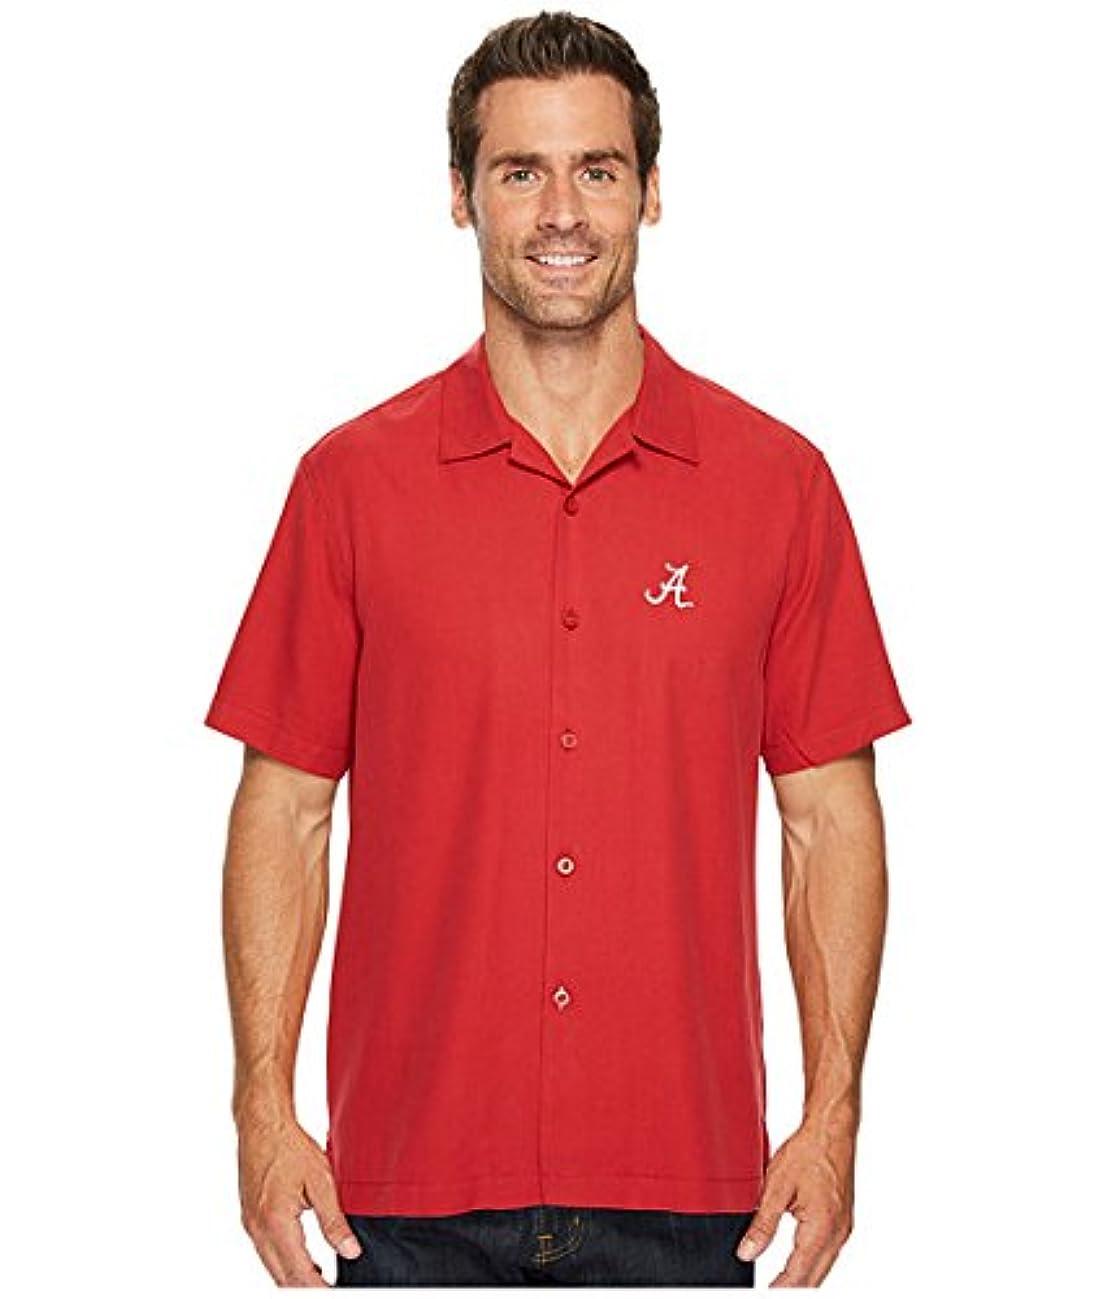 軍マウス職業(トミーバハマ)Tommy Bahama メンズシャツ?ワイシャツ Collegiate Series Catalina Twill University Of Alabama SM S [並行輸入品]